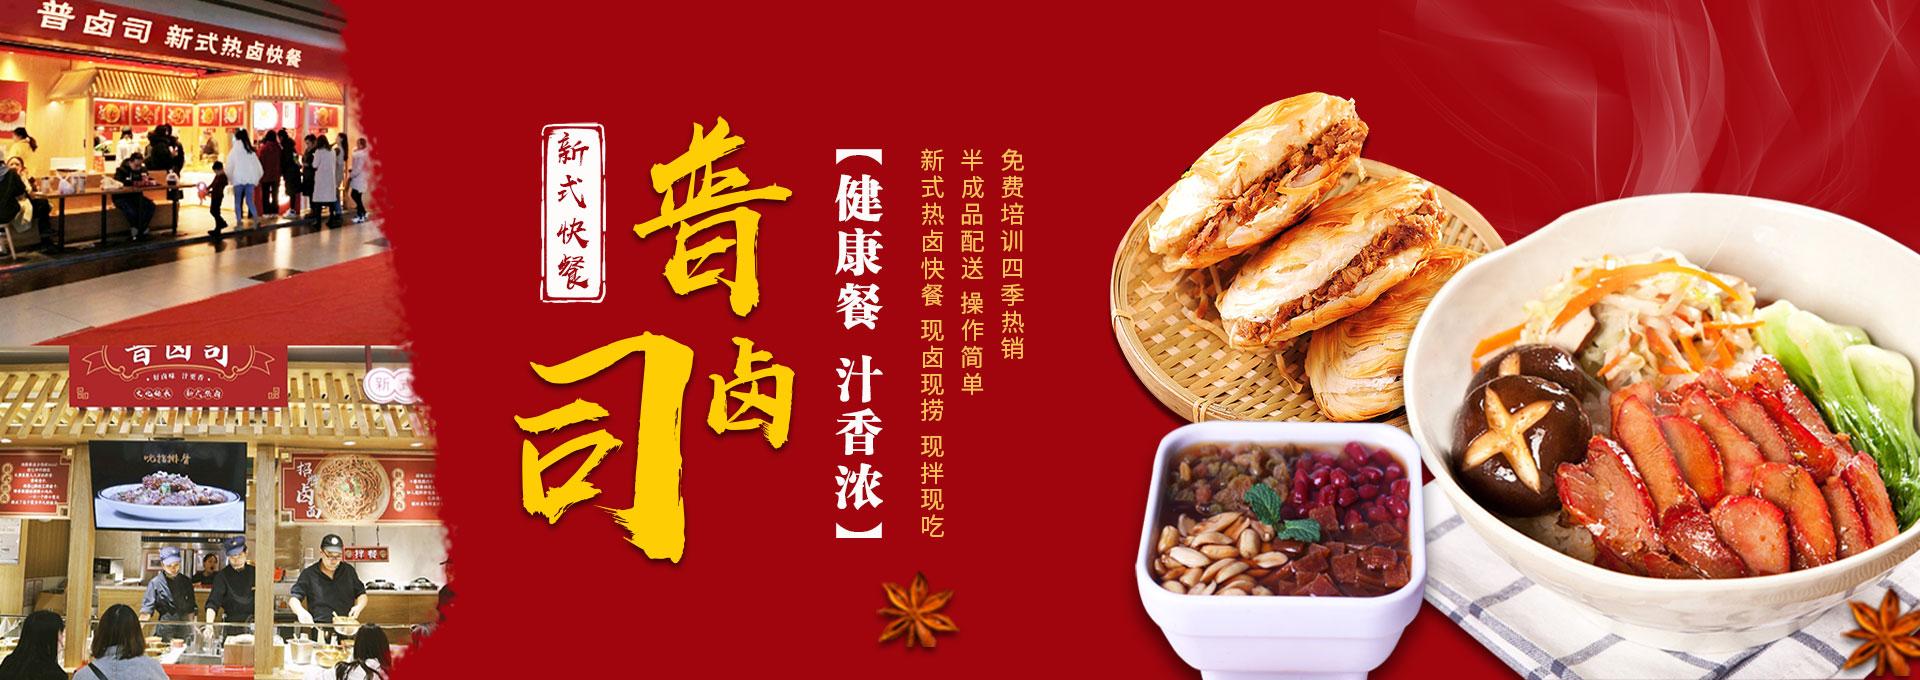 普卤司招商海报_昌启餐饮加盟网